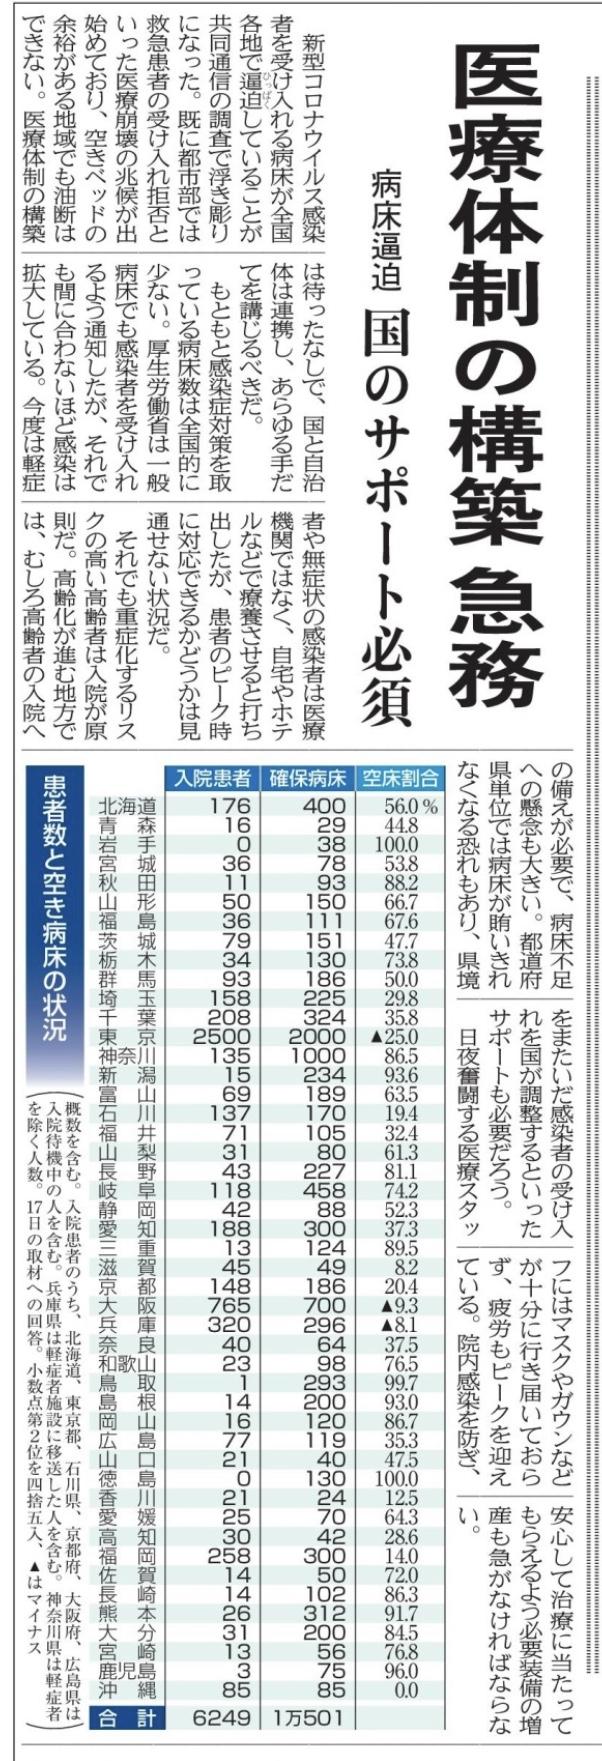 4/19付 朝刊岐阜新聞③